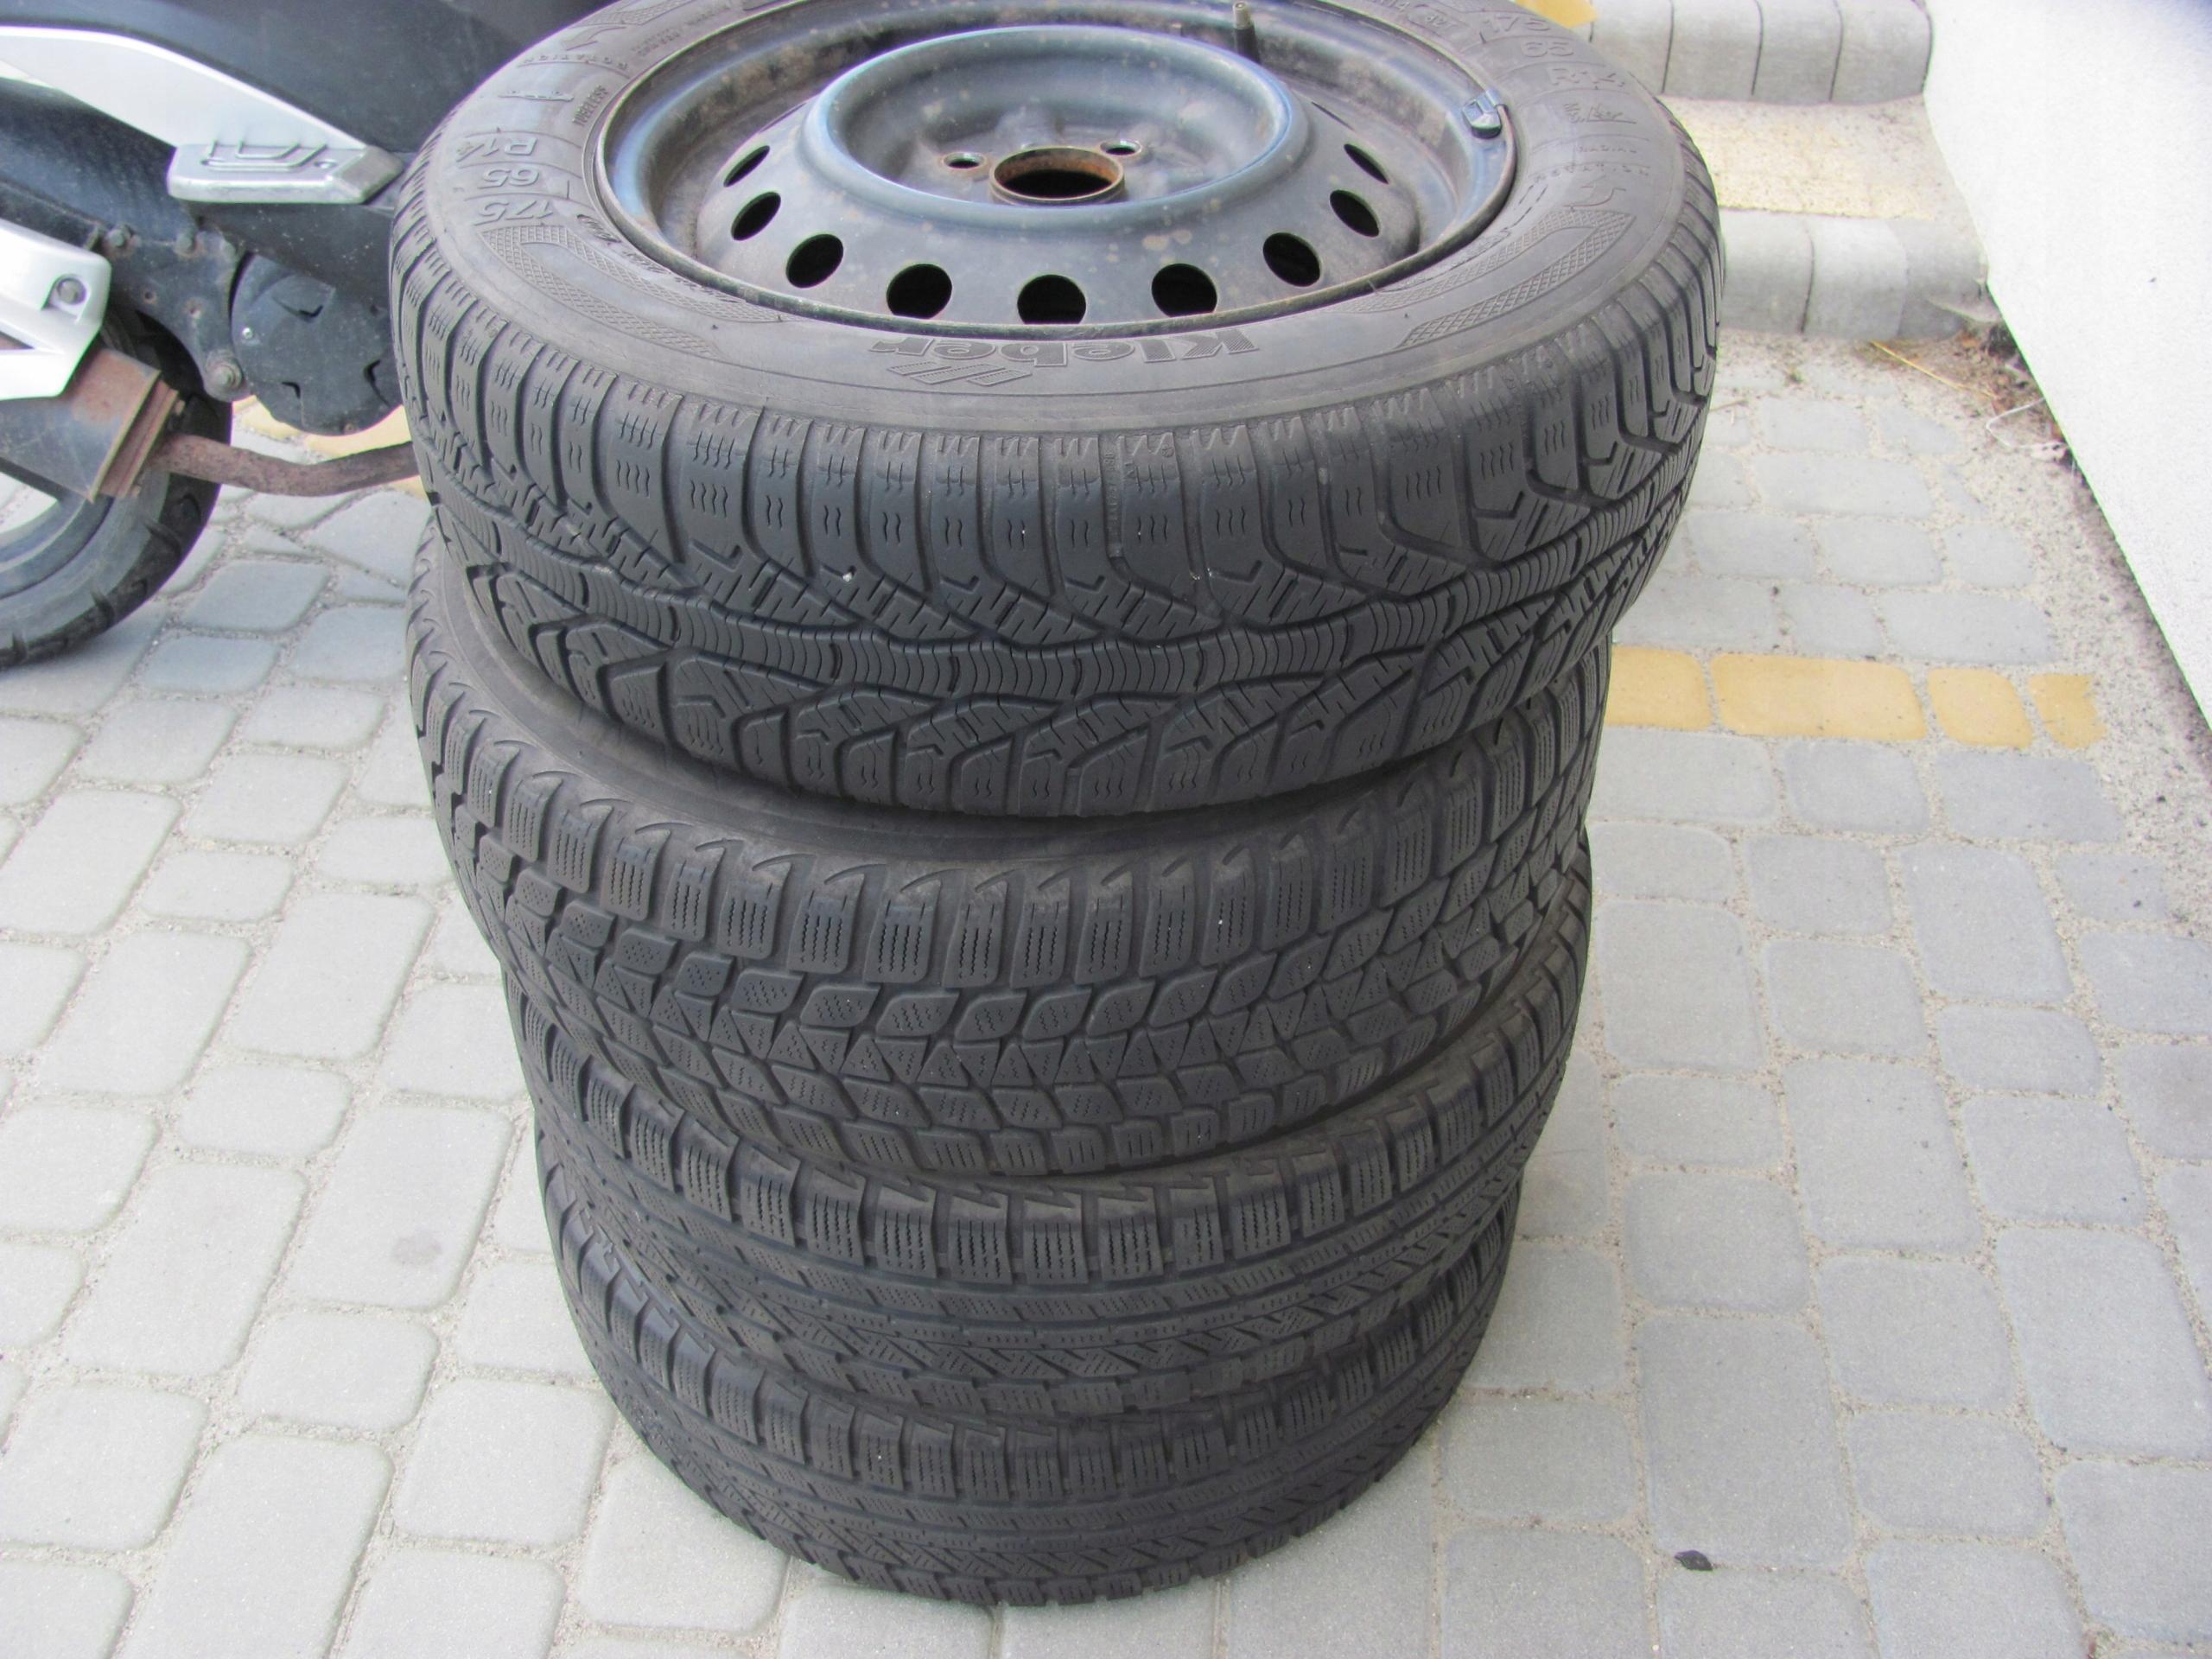 Toyota Yaris Koła Felgi Opony 1756514 7546482440 Oficjalne